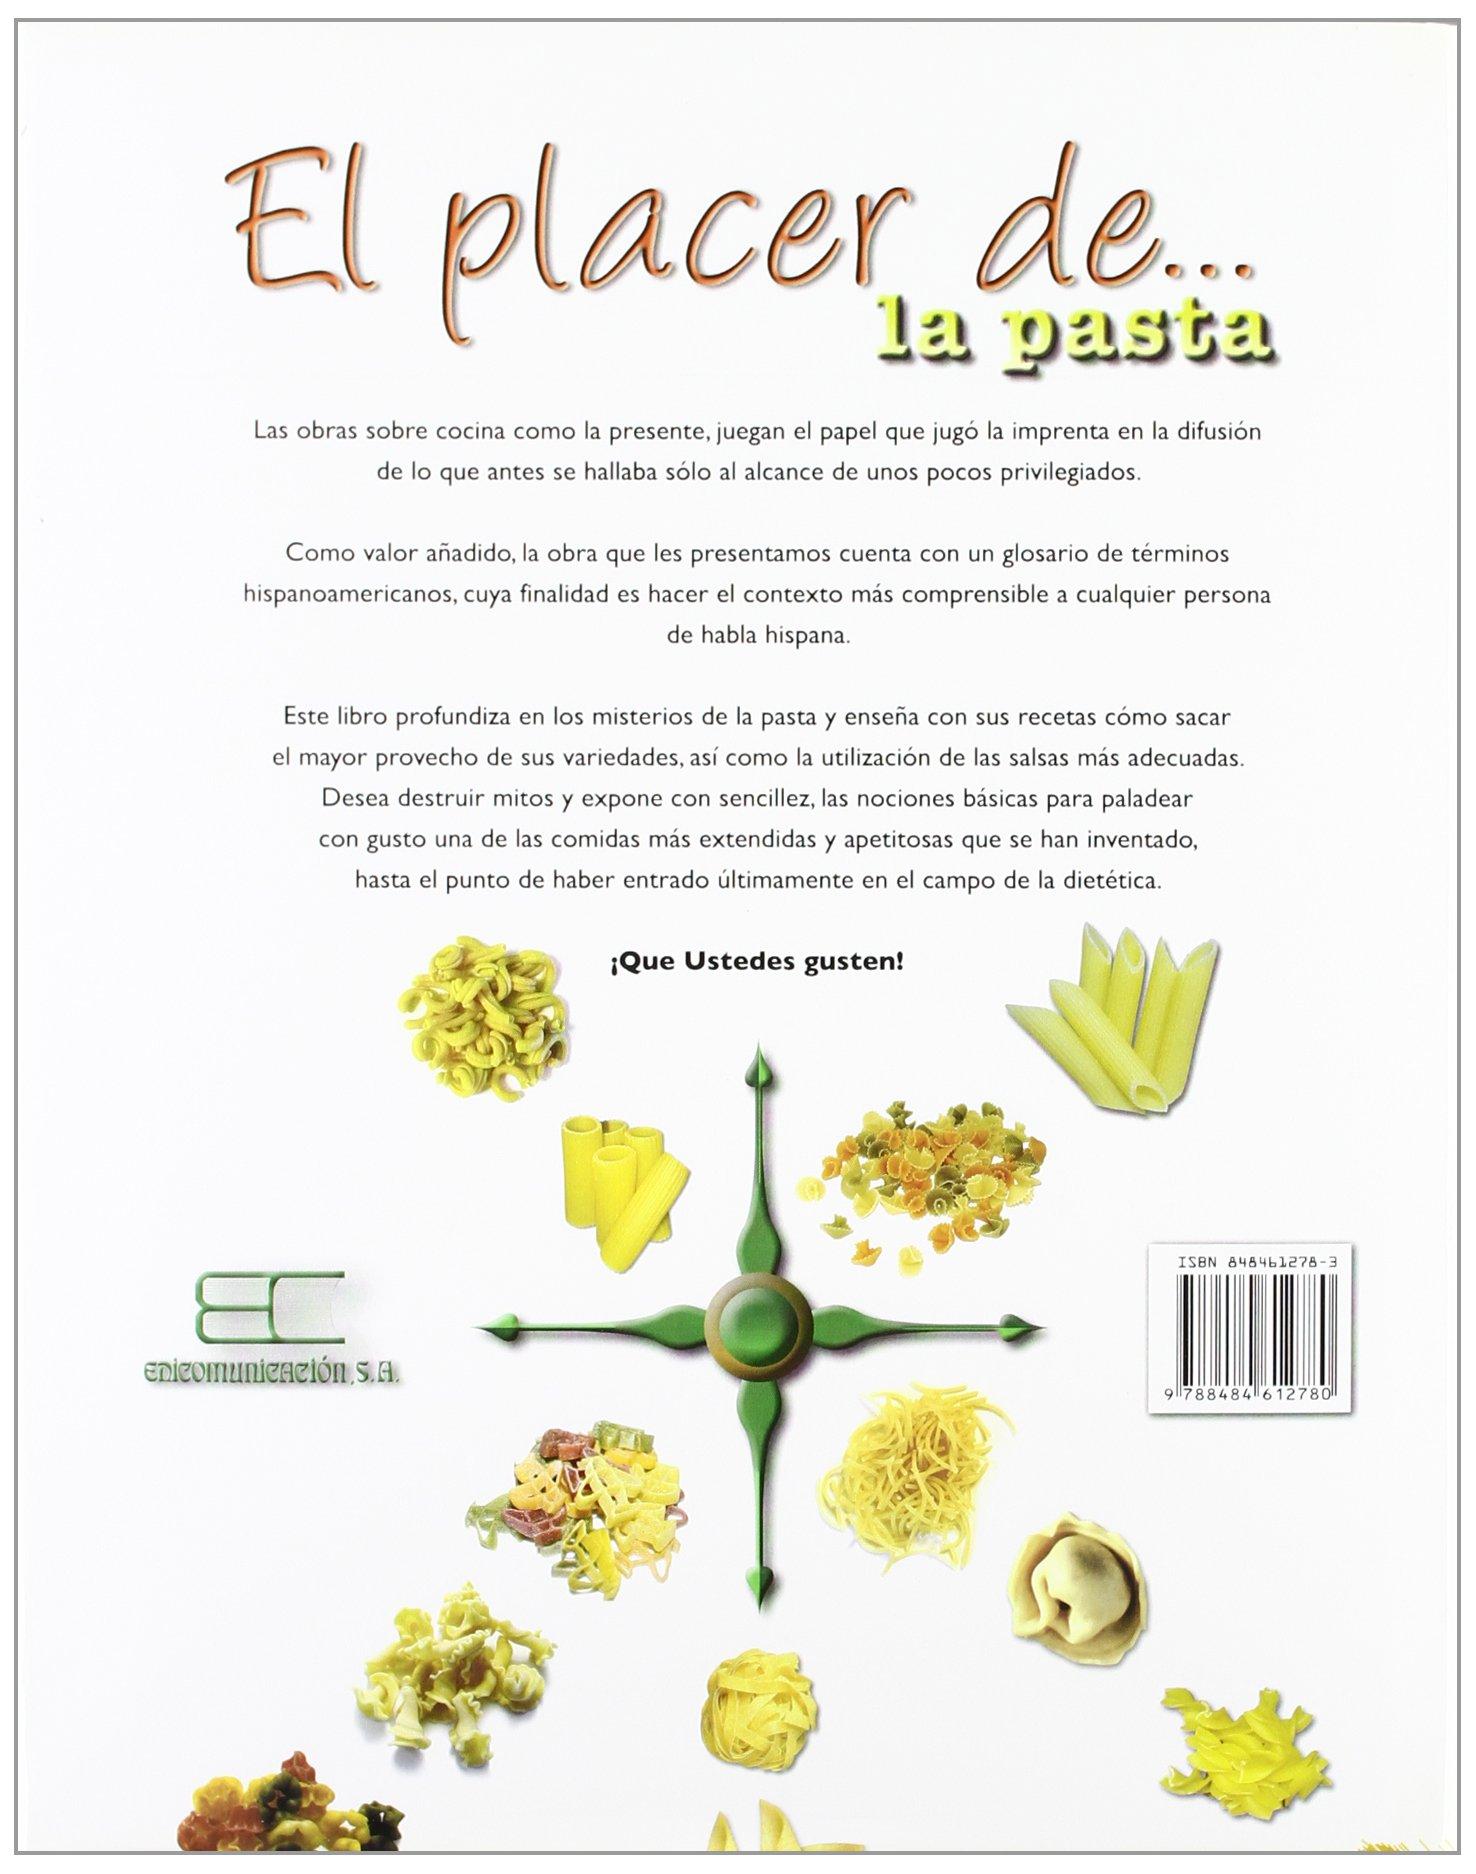 Placer de la pasta, el (El Placer De ...): Amazon.es: Mariela Samo: Libros